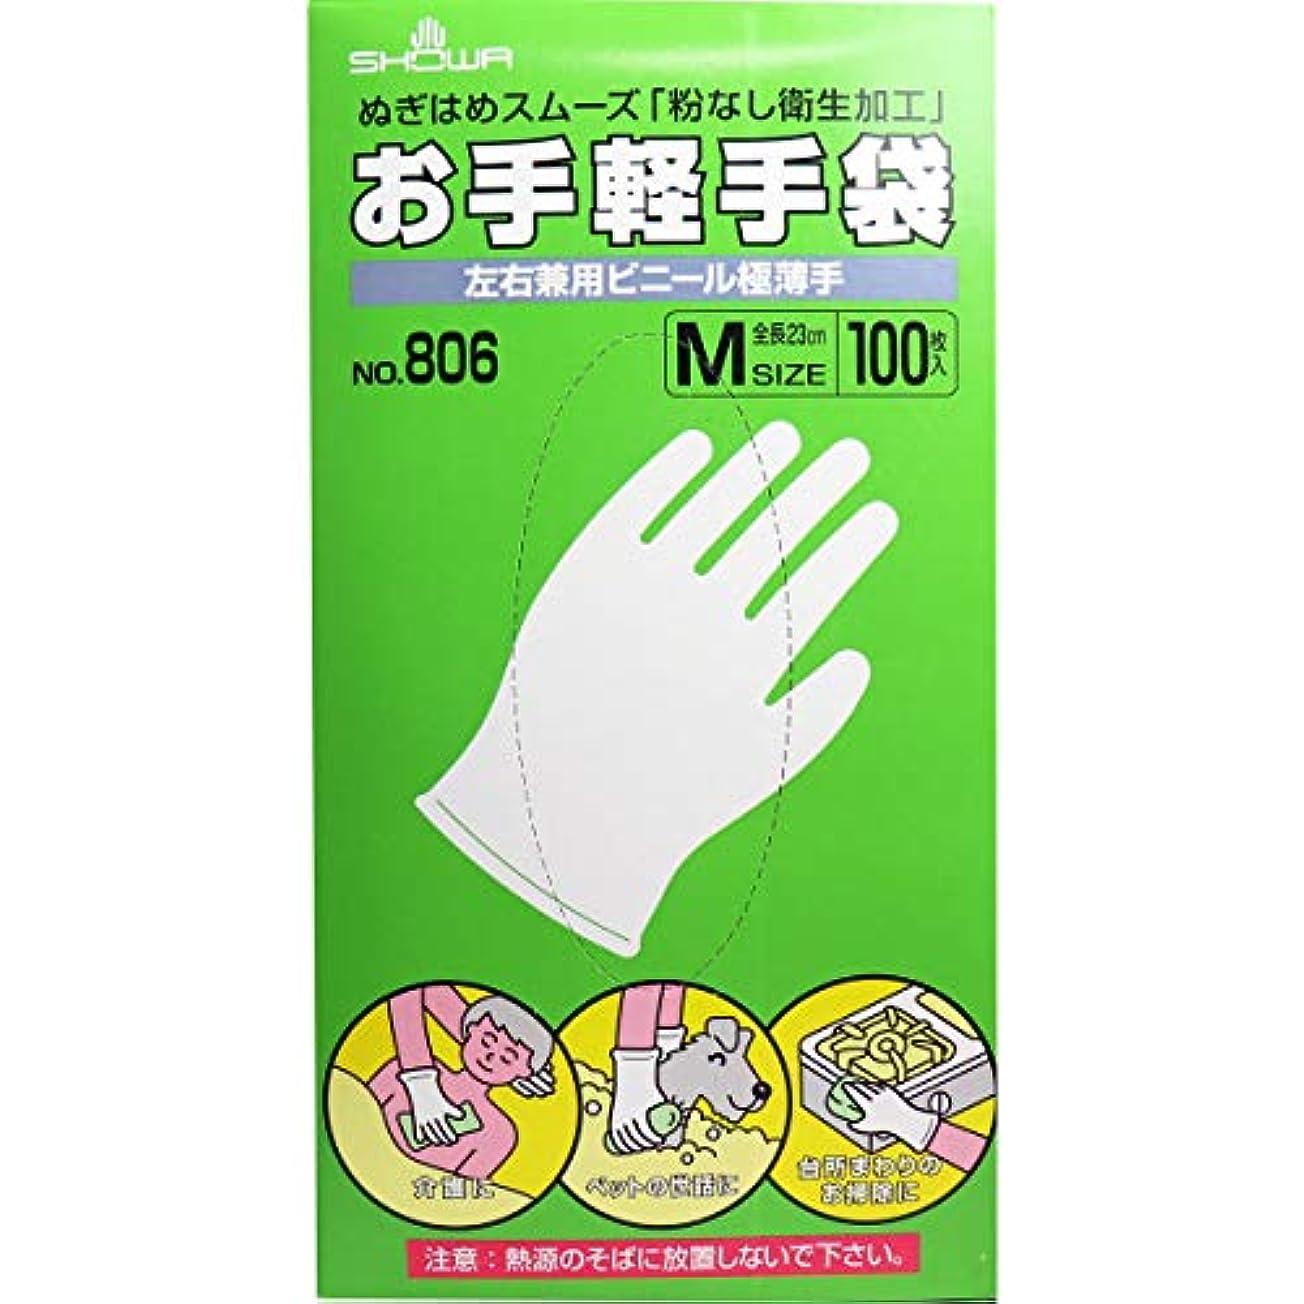 時折大理石解放お手軽手袋 No.806 左右兼用ビニール極薄手 粉なし Mサイズ 100枚入×2個セット